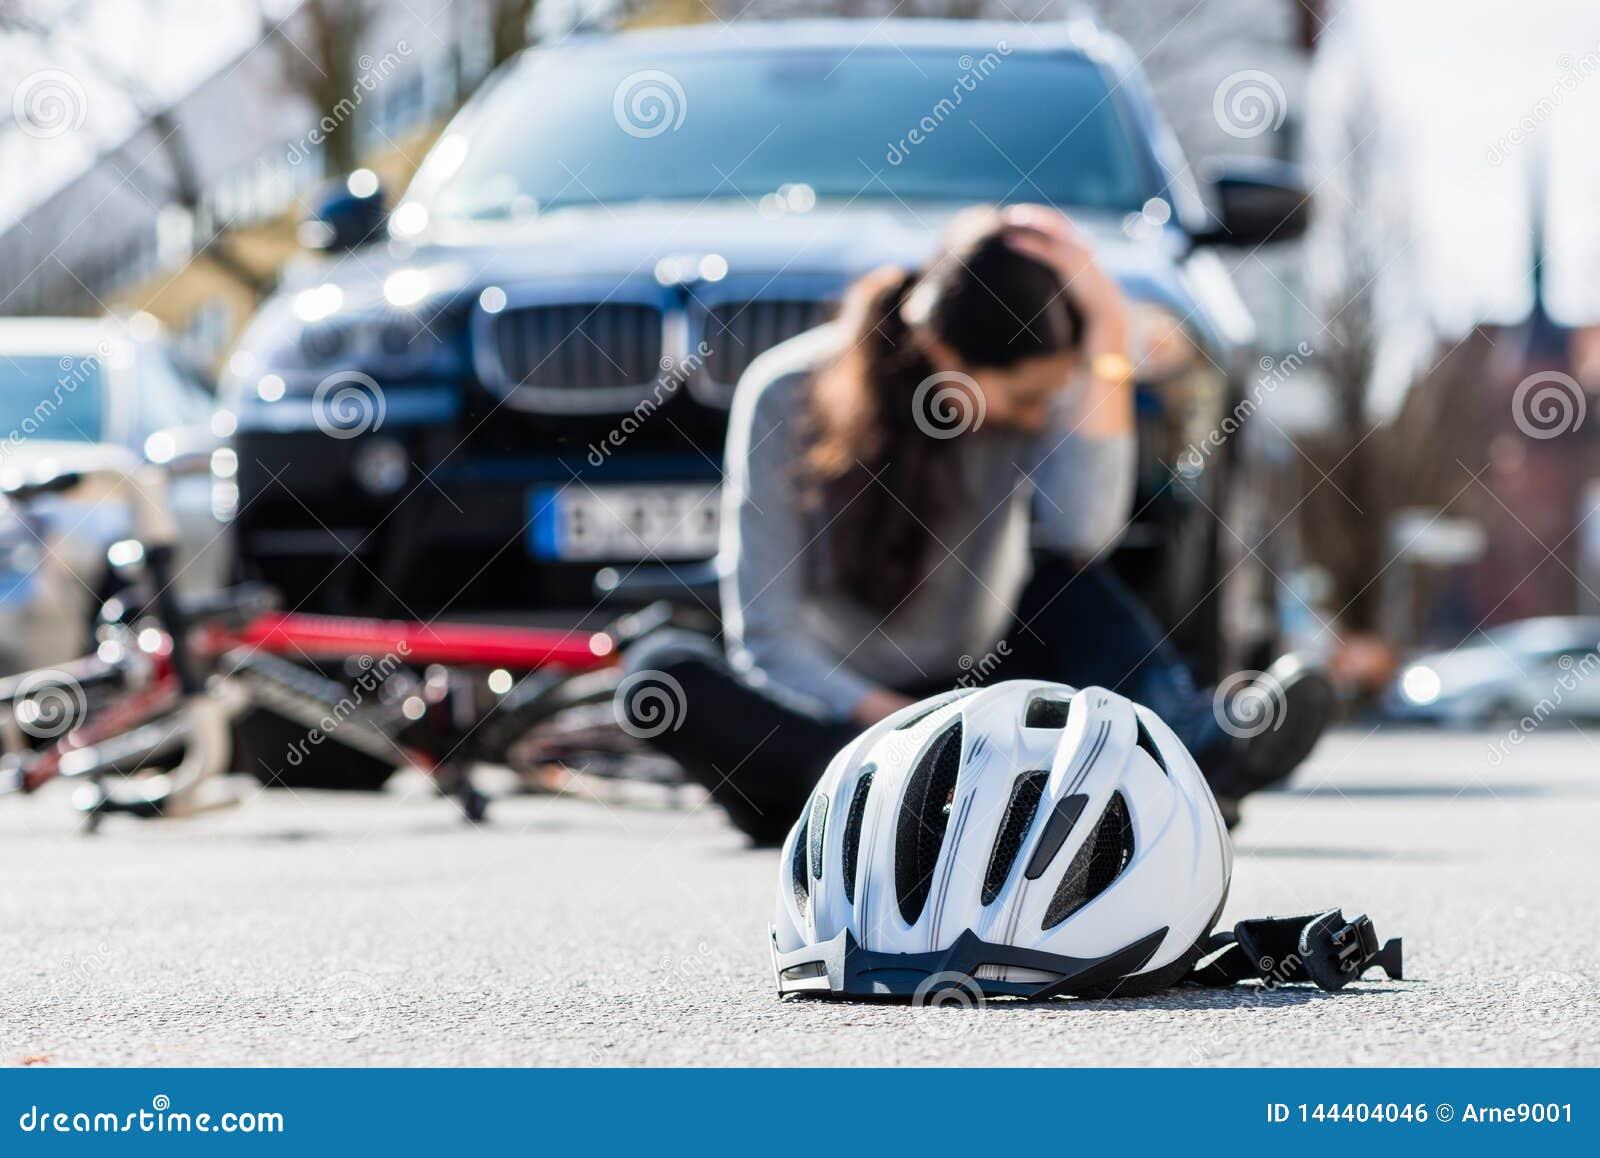 Casco sull asfalto dopo la collisione accidentale fra la bicicletta e l automobile